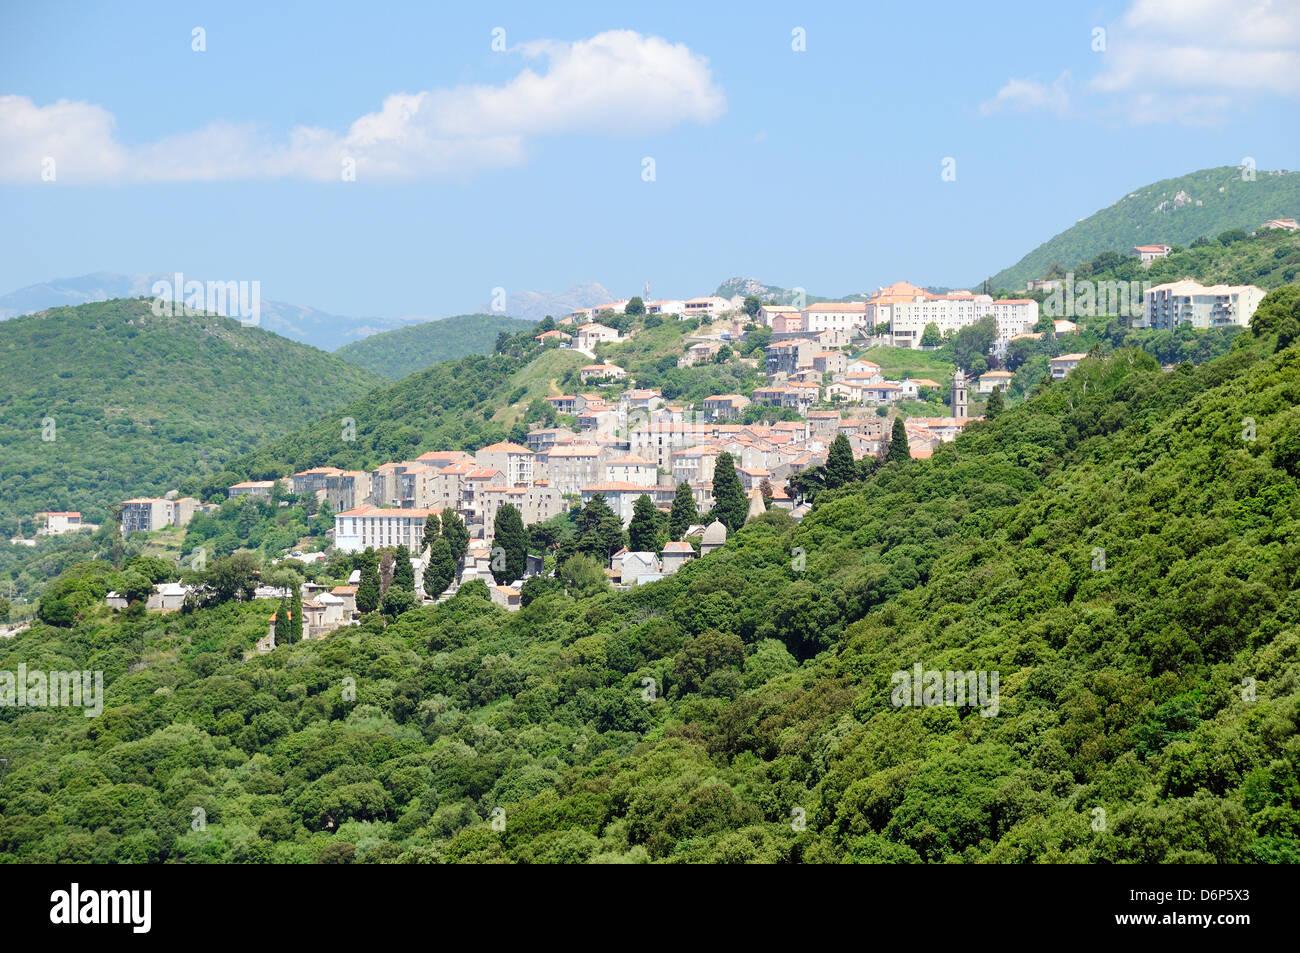 Vue de la ville de Sartene en montagnes boisées, Corse, France, Europe Photo Stock